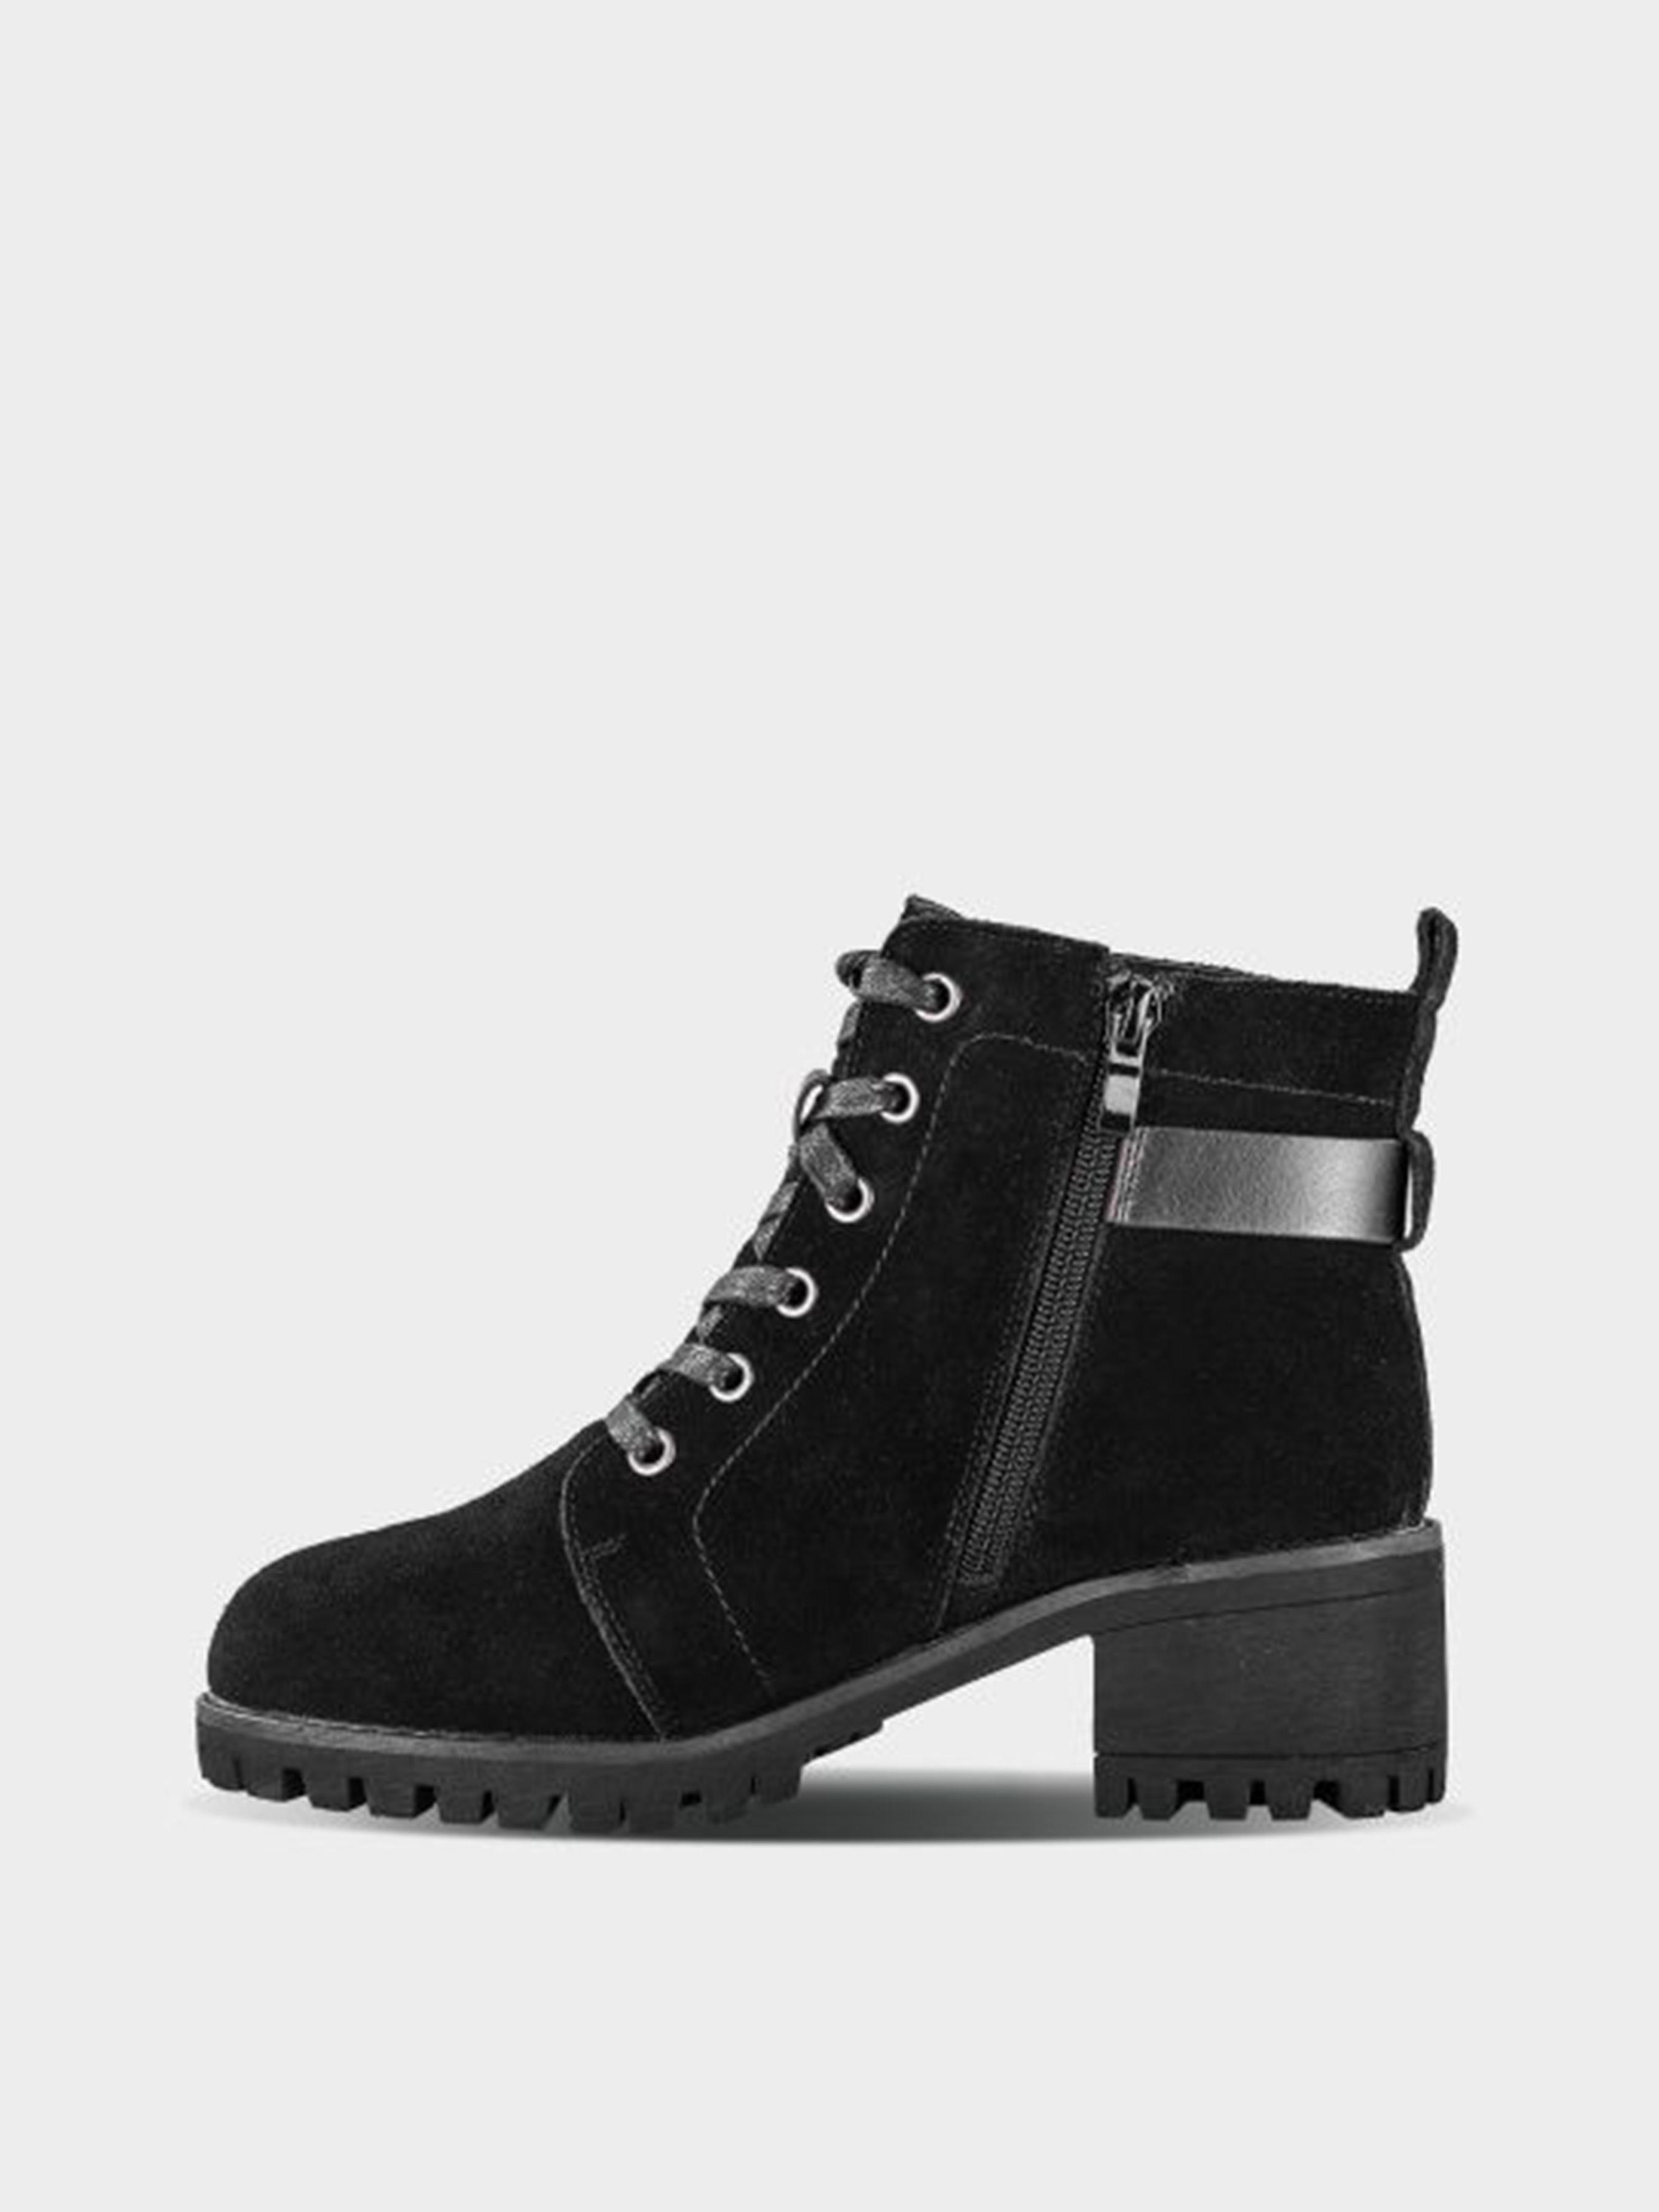 Ботинки для женщин Braska BS3225 размерная сетка обуви, 2017